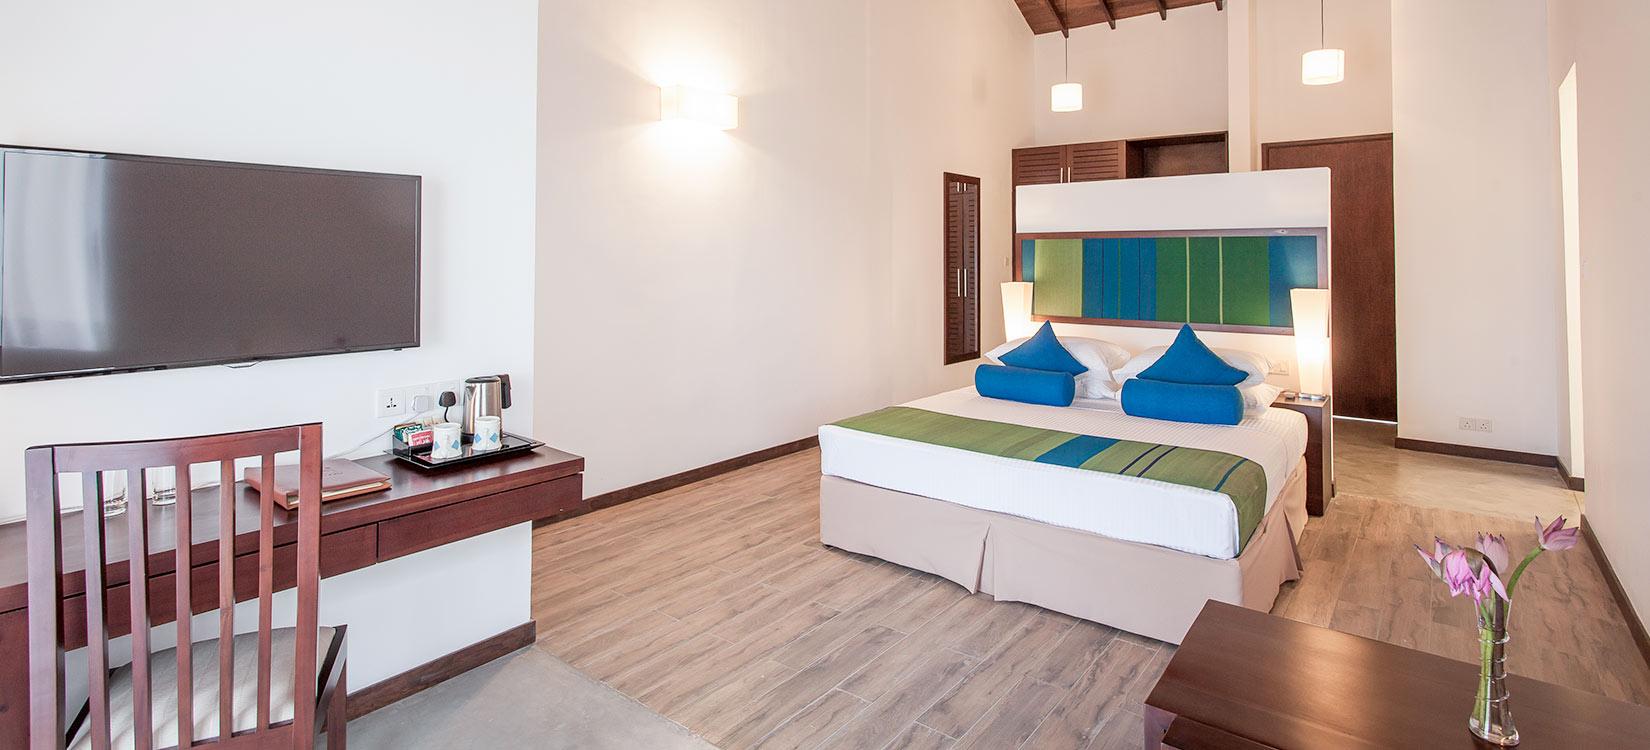 The Calm Resort deluxe room